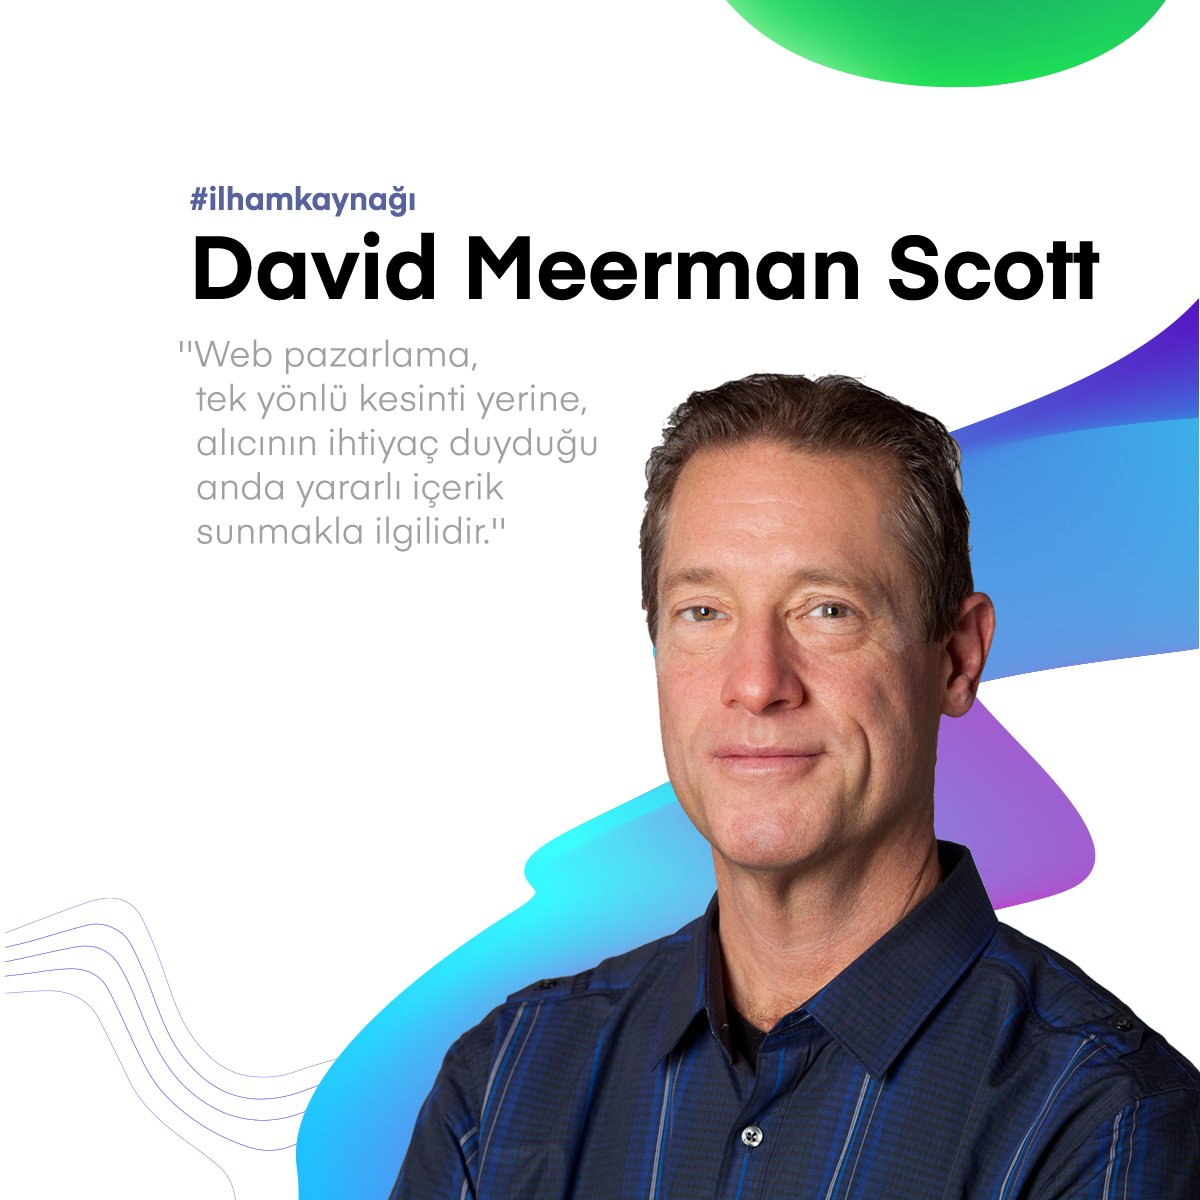 Pazarlama ve halkla ilişkilerin Web'de; ana akım medyadan çok farklı olduğu ideolojisinde olan, çevrimiçi pazarlama stratejisti David Meerman Scott, web pazarlamasına kendi bakış açısını getiriyor. .  #davidmeermanscott #digitalmarketing #flatartagency https://t.co/2lgHGox1MC